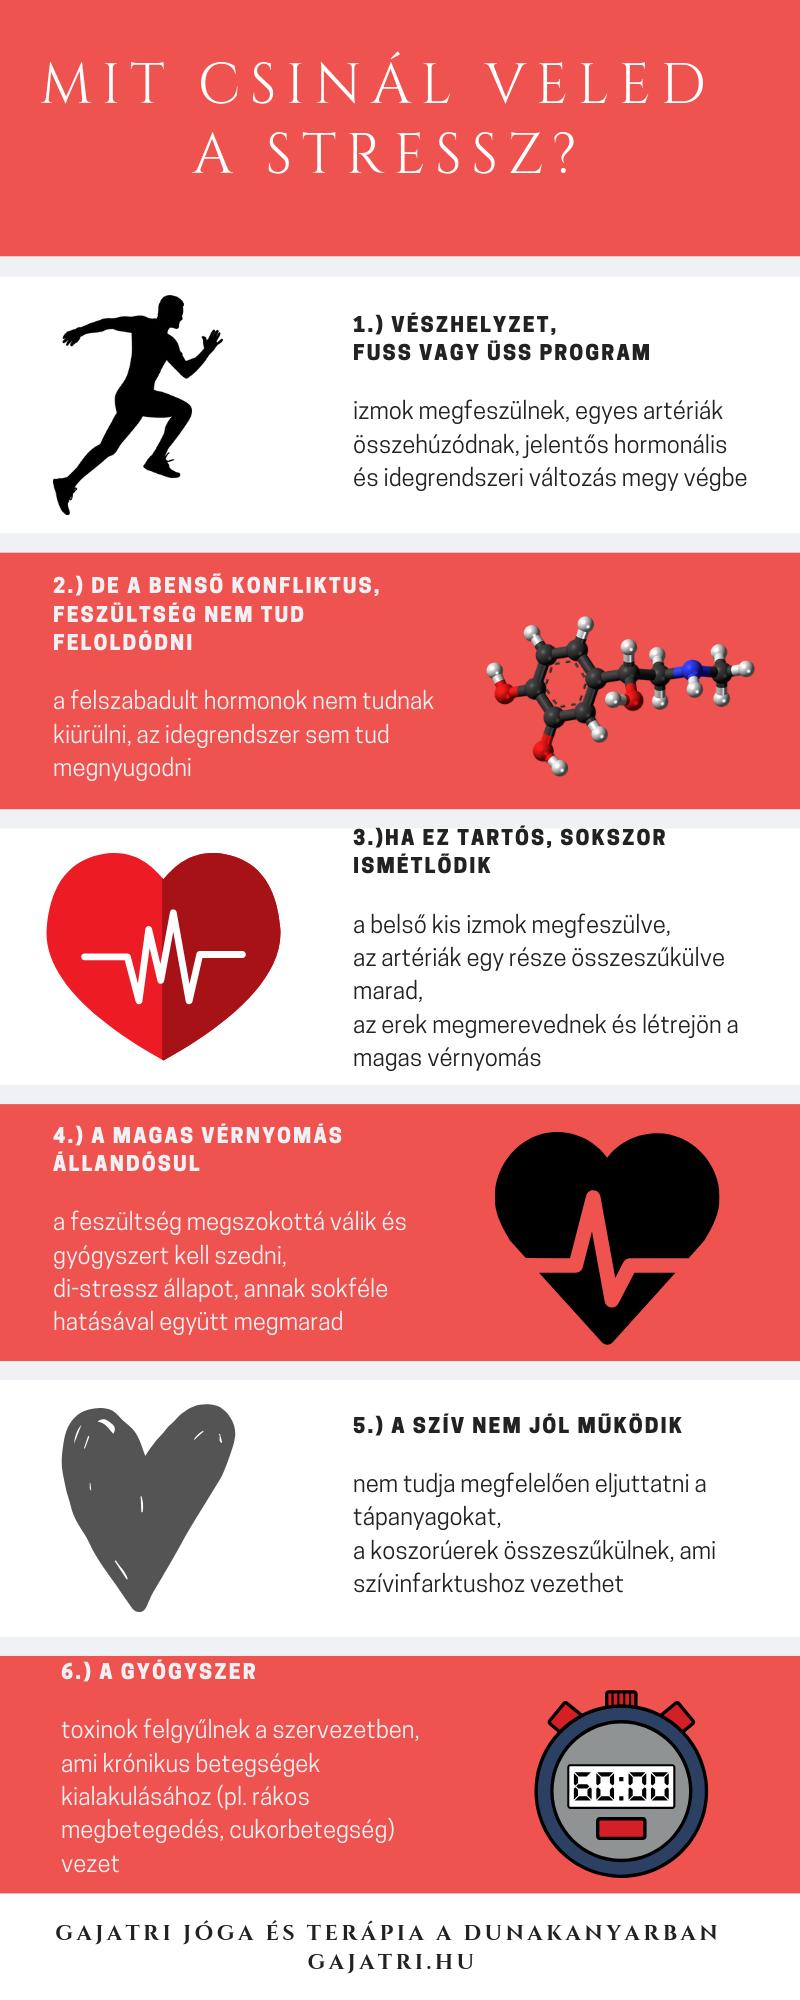 magas vérnyomás és fogyatékosság csoportok